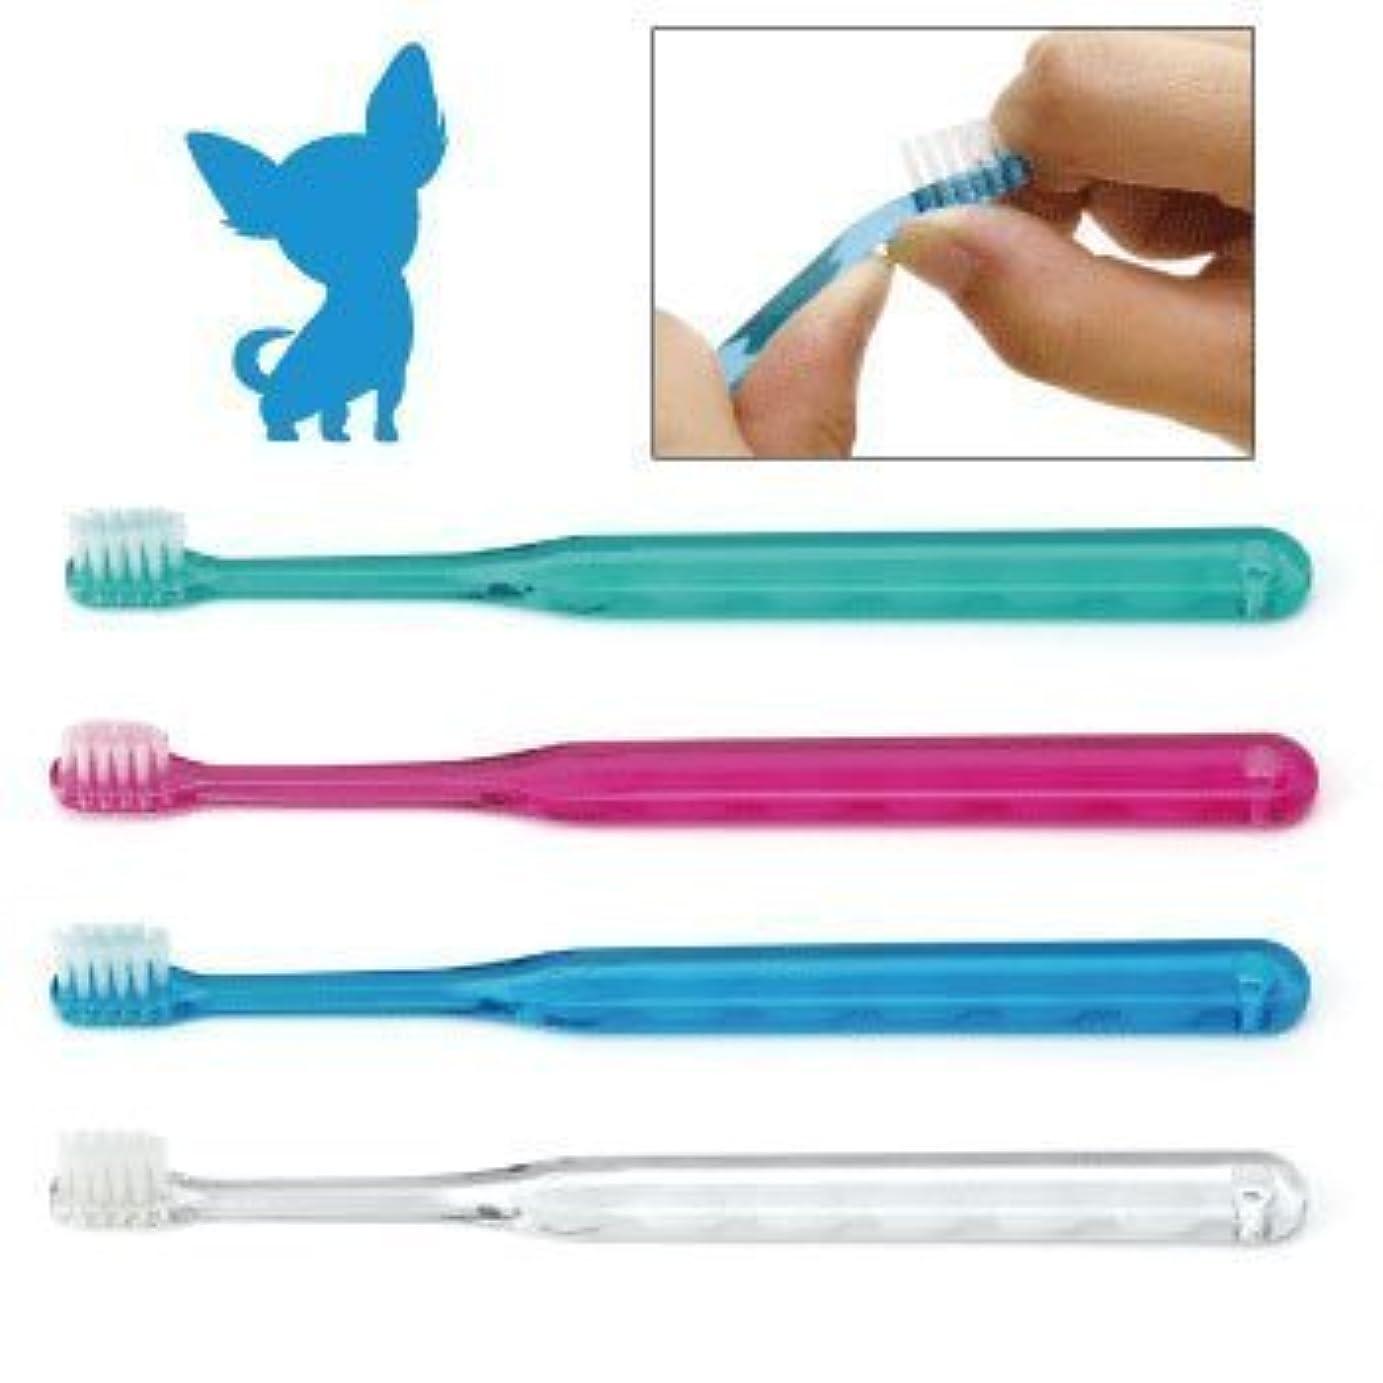 悪化させるブラウザ航空機犬用歯ブラシ / Ci シュワワ / ピンク /12本セット